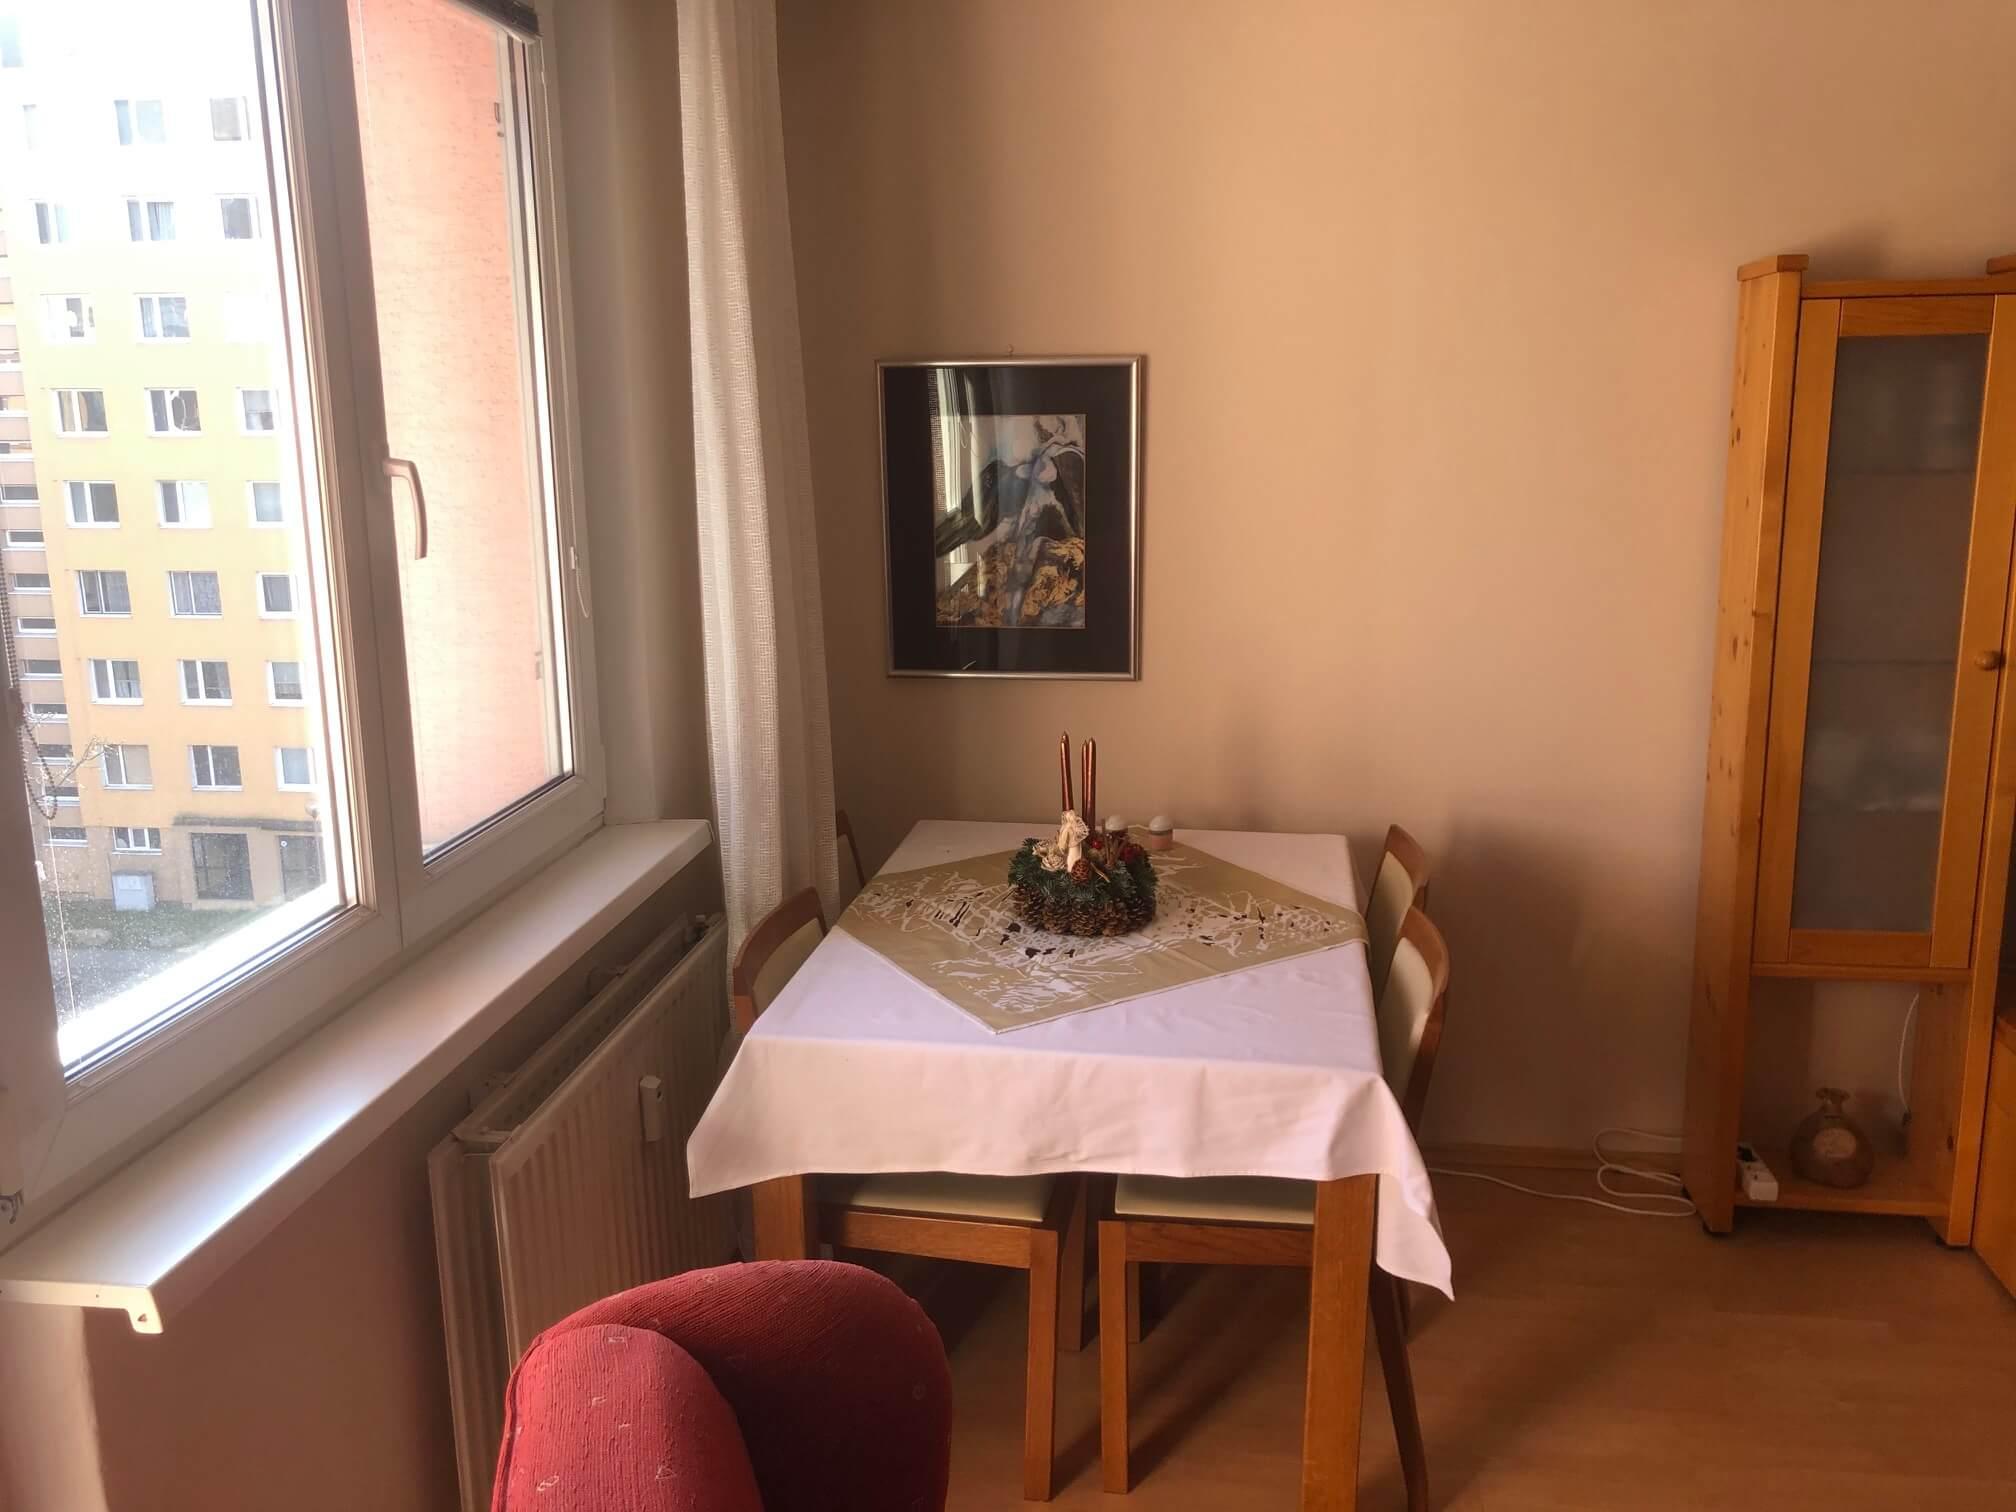 Predané: Exkluzívne na predaj 3 izbový byt, Devínska Nová Ves, Jána Poničana 3, 65m2, balkon 4m2,klimatizácia-49